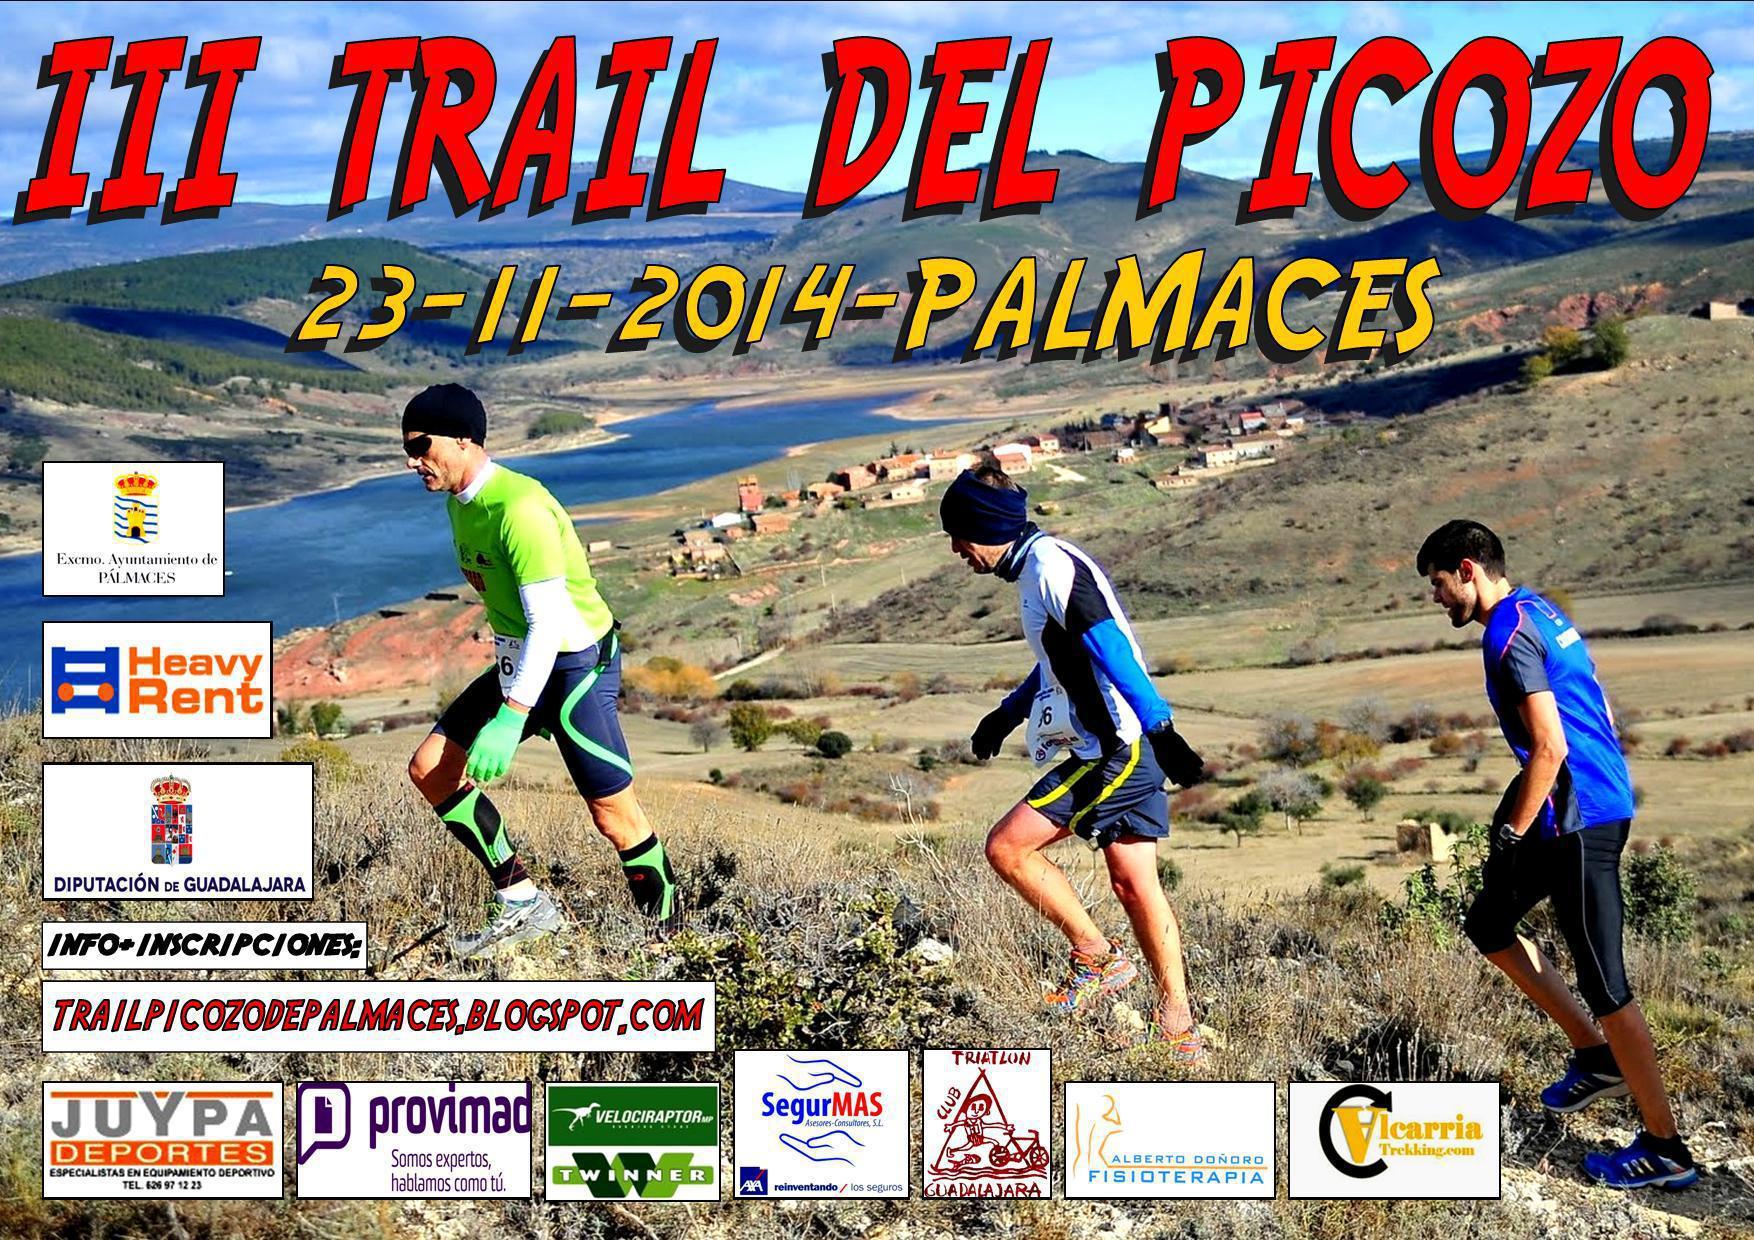 Pálmaces organiza este domingo 23 la tercera edición del Trail del Picozo